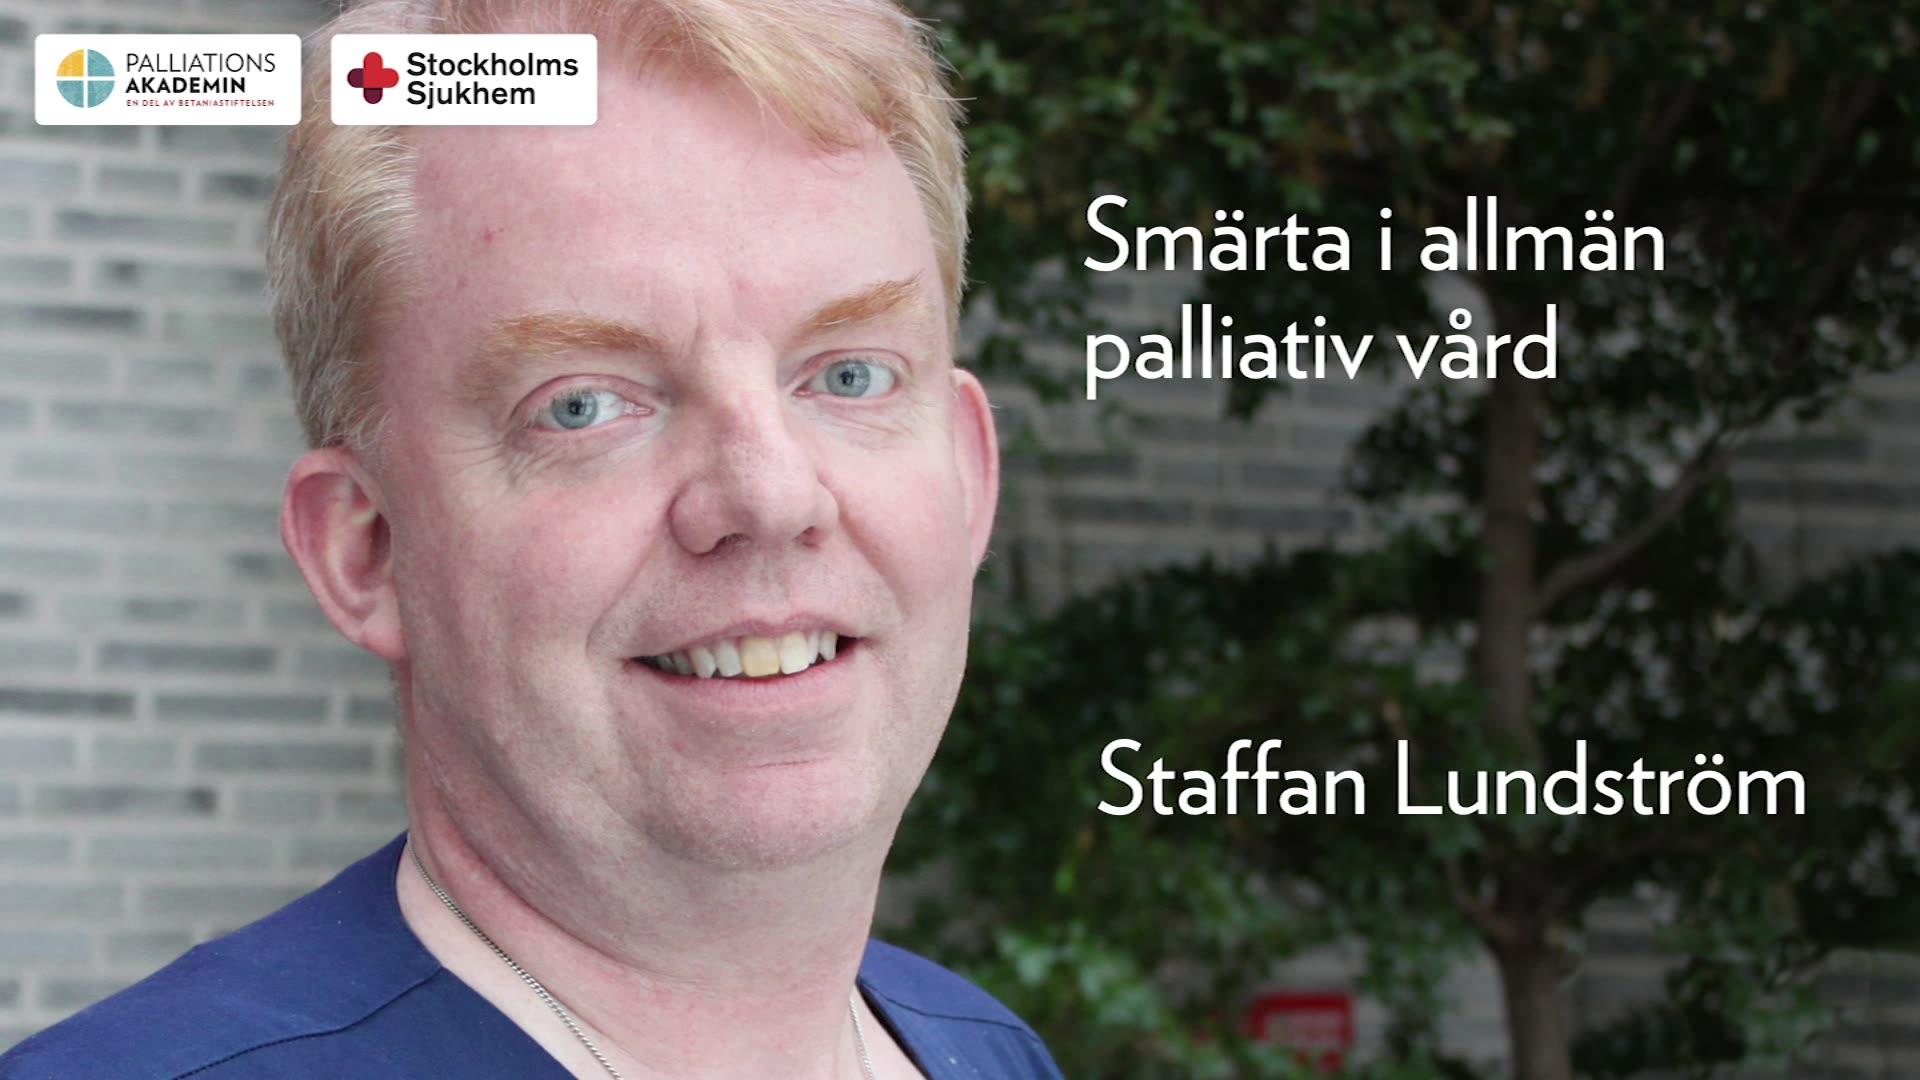 Smärta i palliativ vård